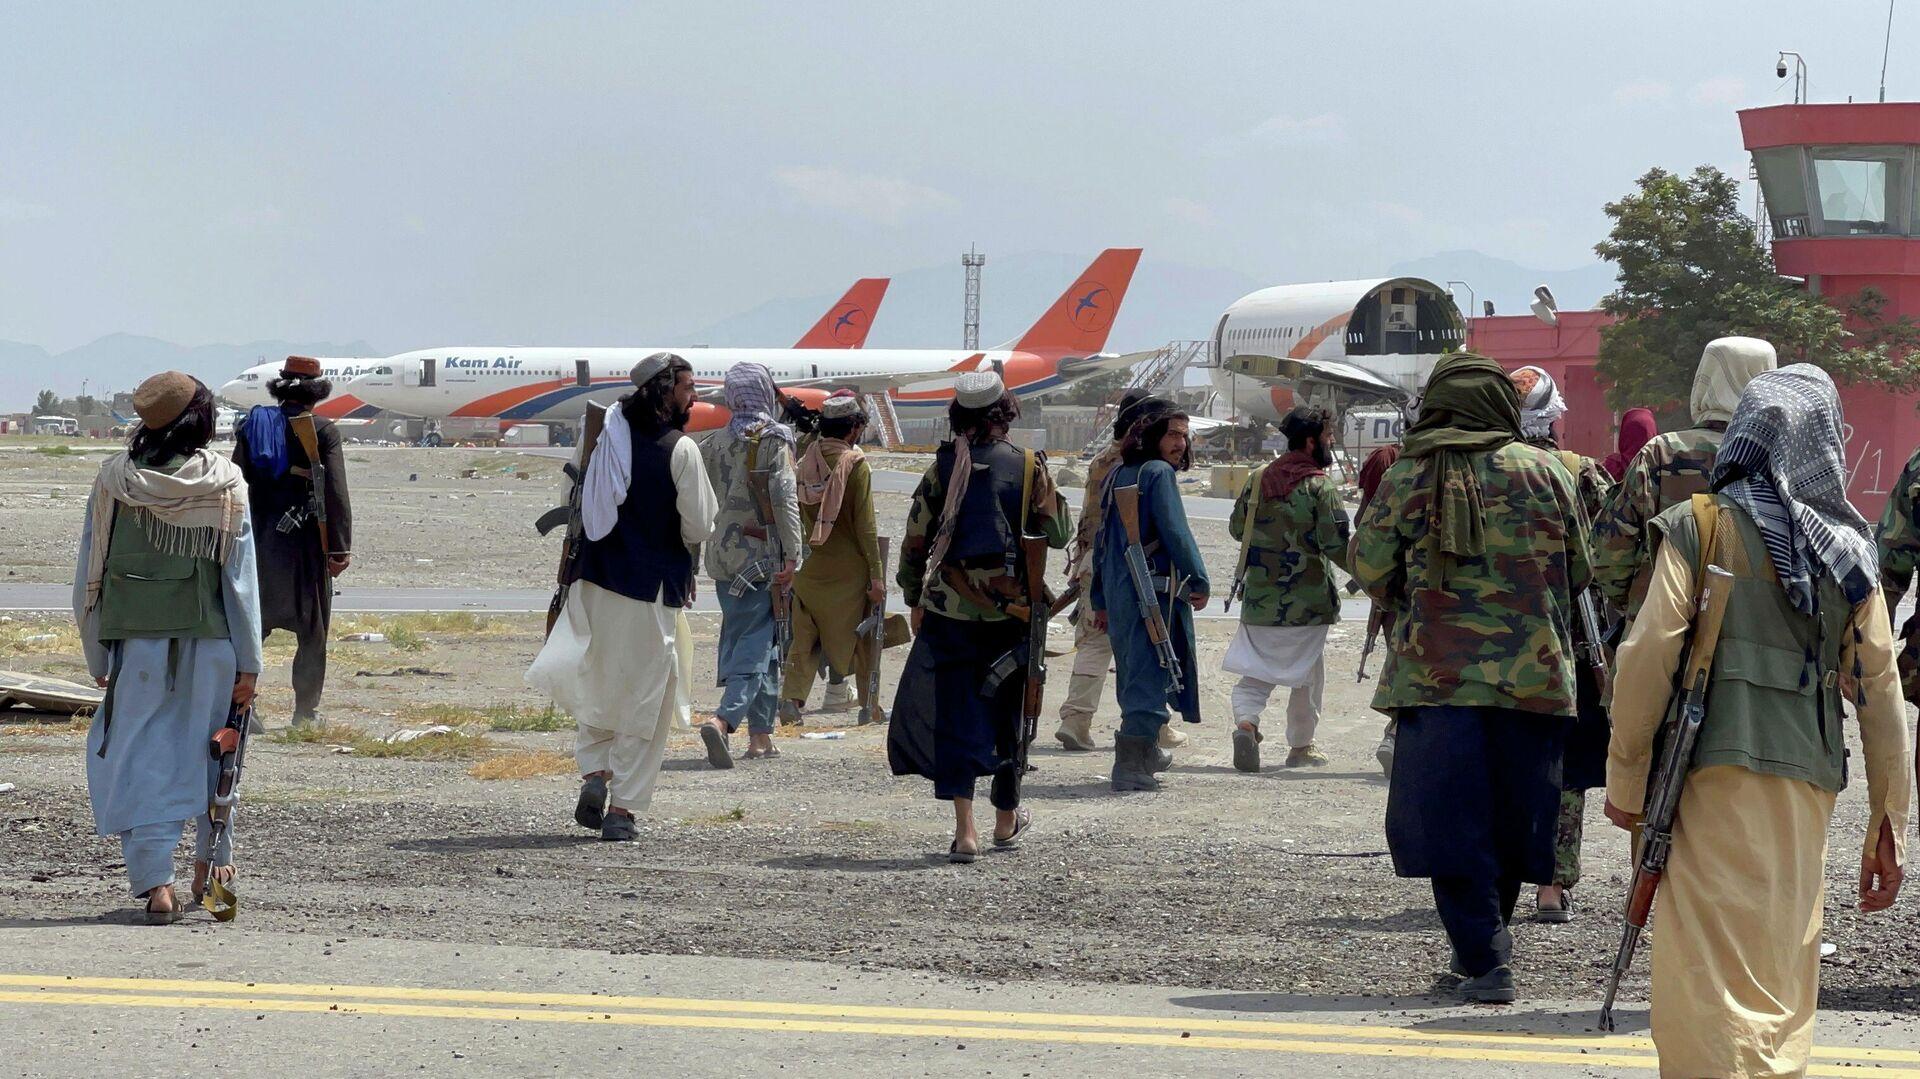 Члены Талибана* в международном аэропорту Хамида Карзая в Кабуле после вывода американских войск - РИА Новости, 1920, 13.09.2021